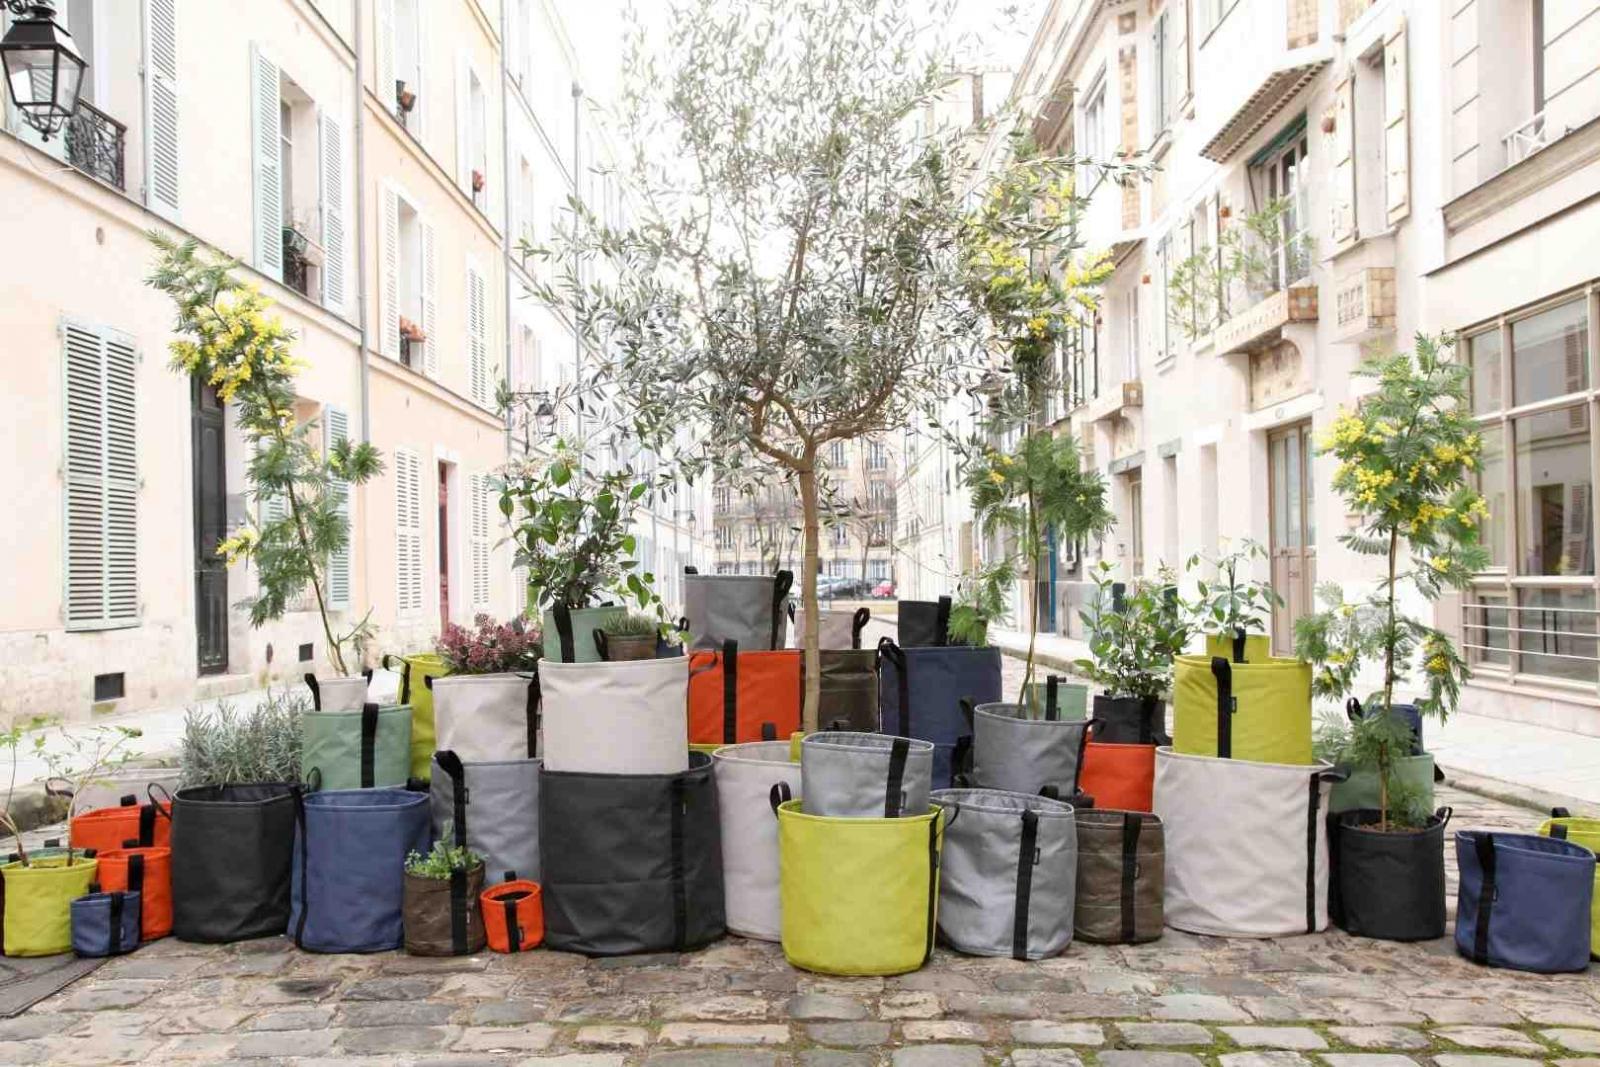 Bacsac kleurrijke plantenbakken en bloembakken van textiel for Plantes pour terrasses